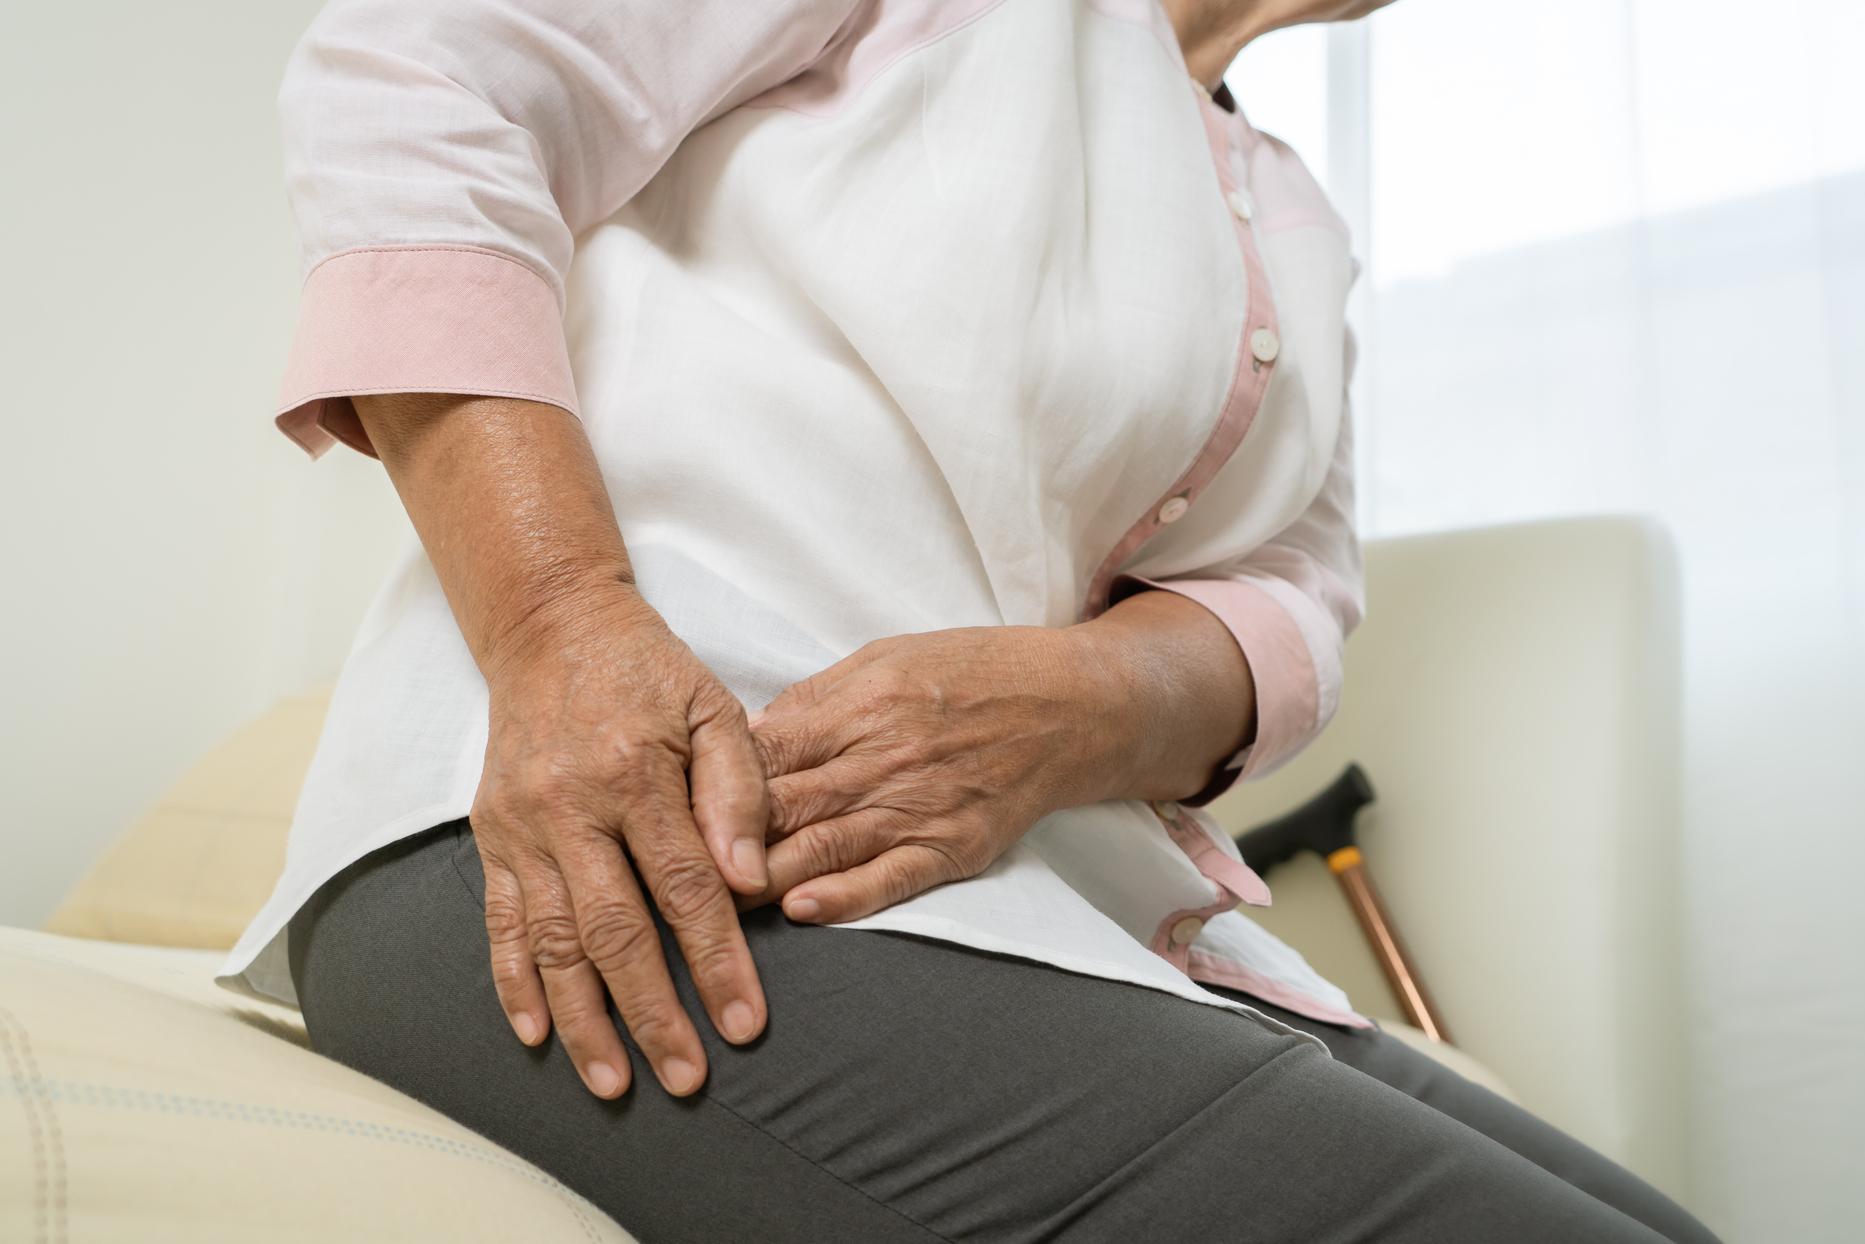 Operación de cadera en personas mayores